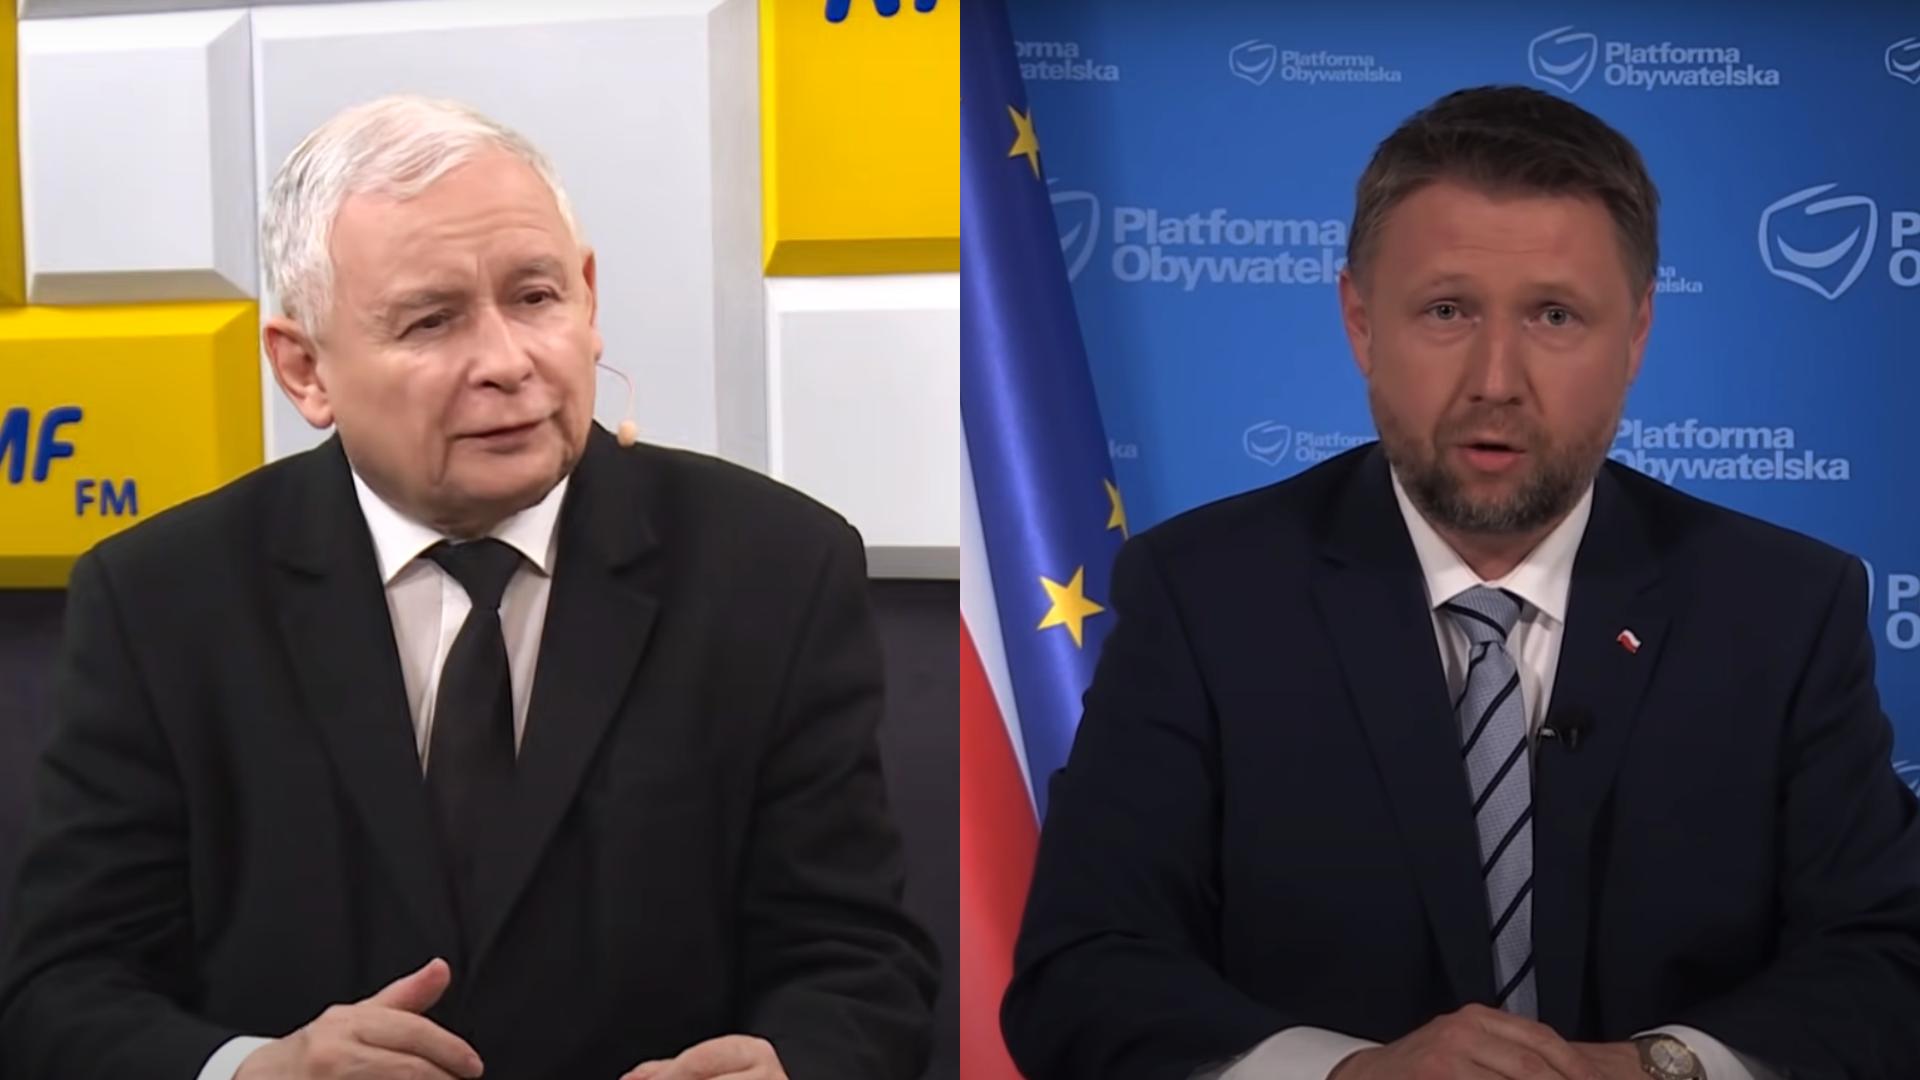 Kierwiński: Jarosław Kaczyński na COVID-19 robi zwykłą politykę